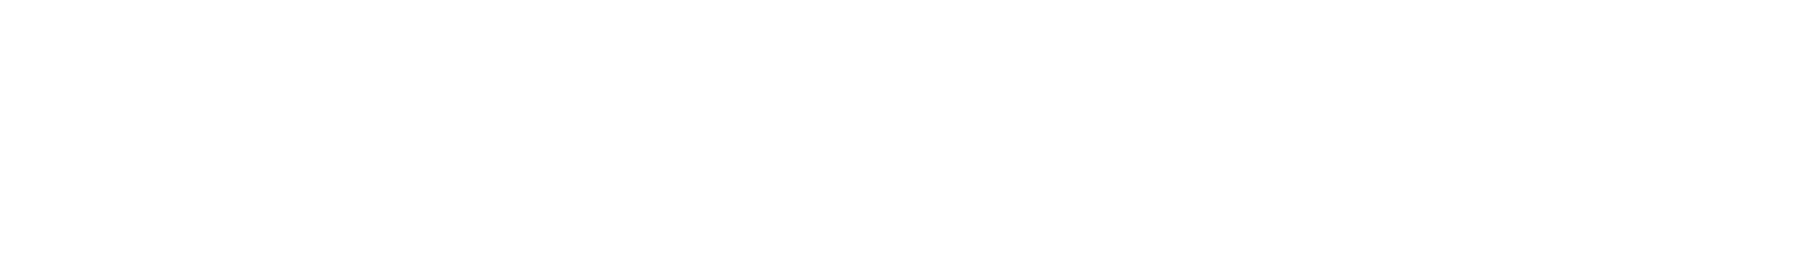 blbc electrodrums fx 110 01